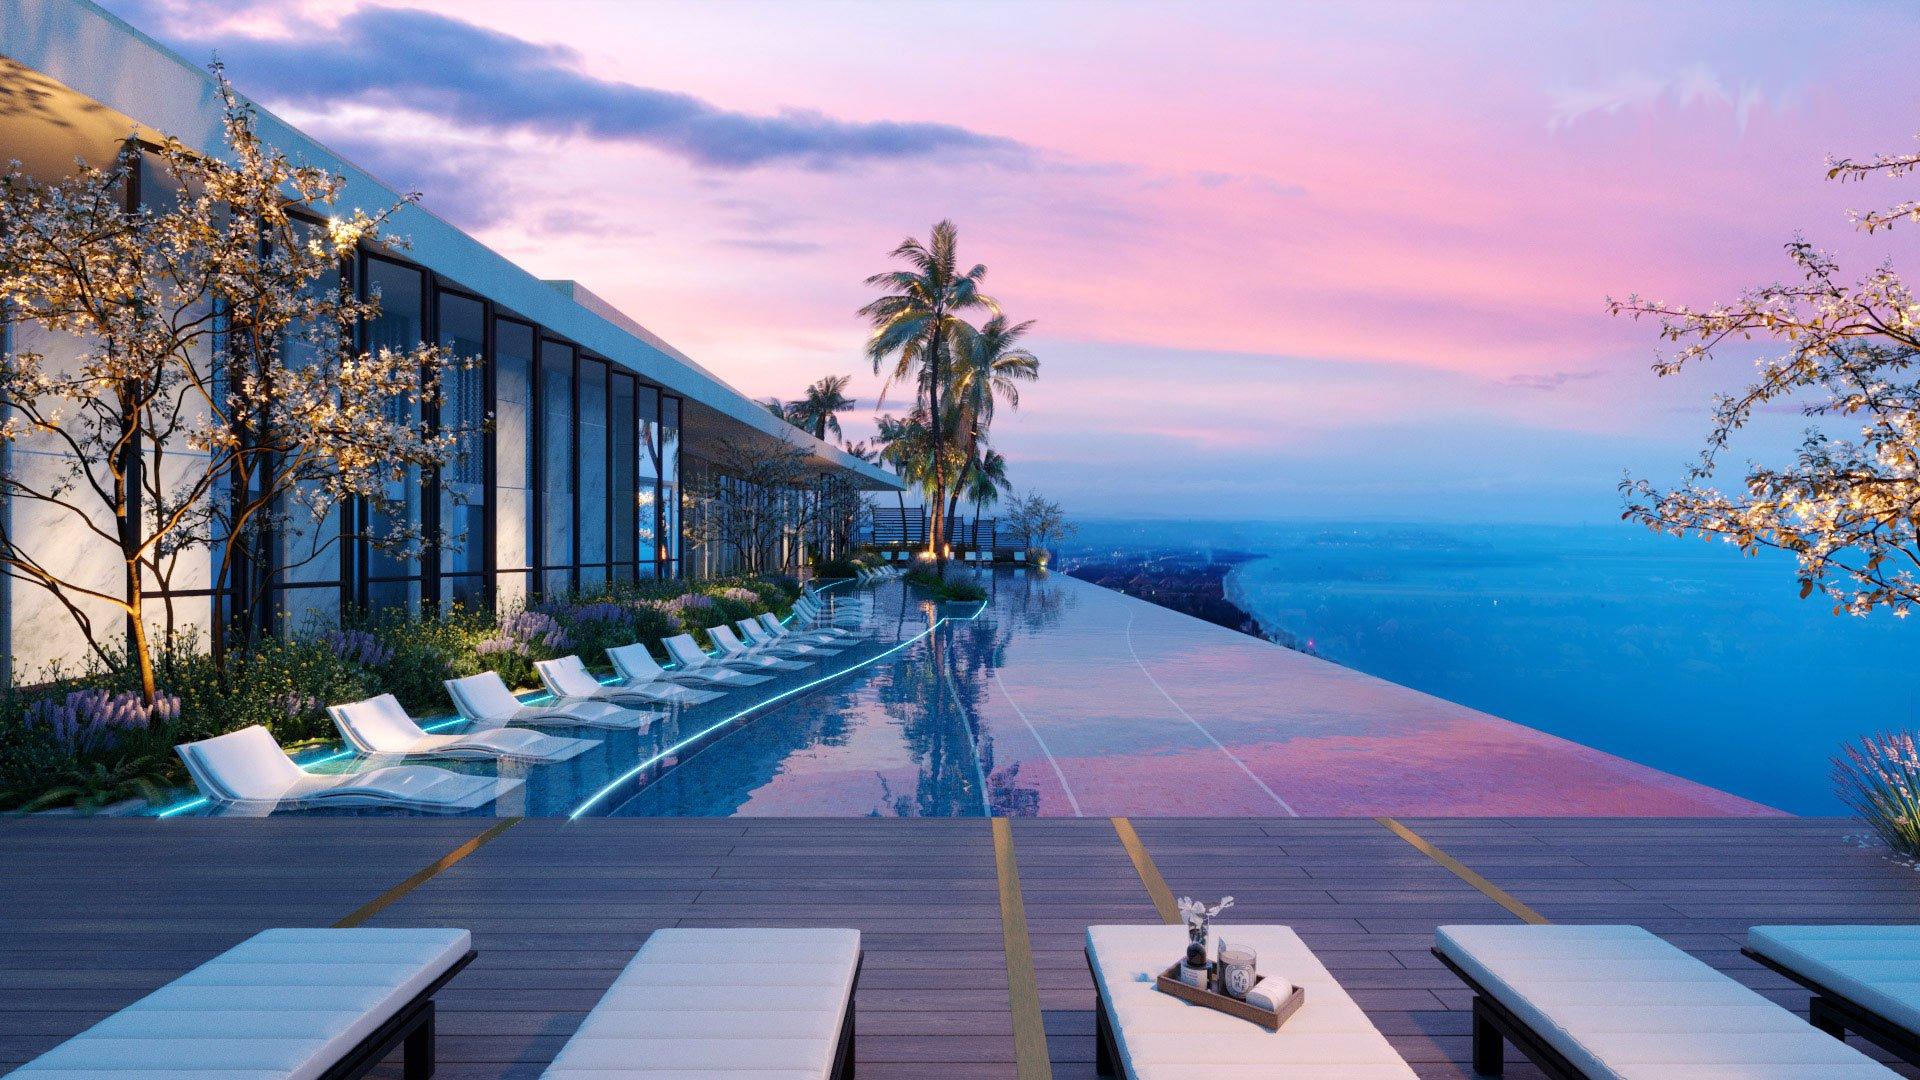 Bồ bơi chân mây view toàn cảnh thành phố Nha Trang xinh đẹp